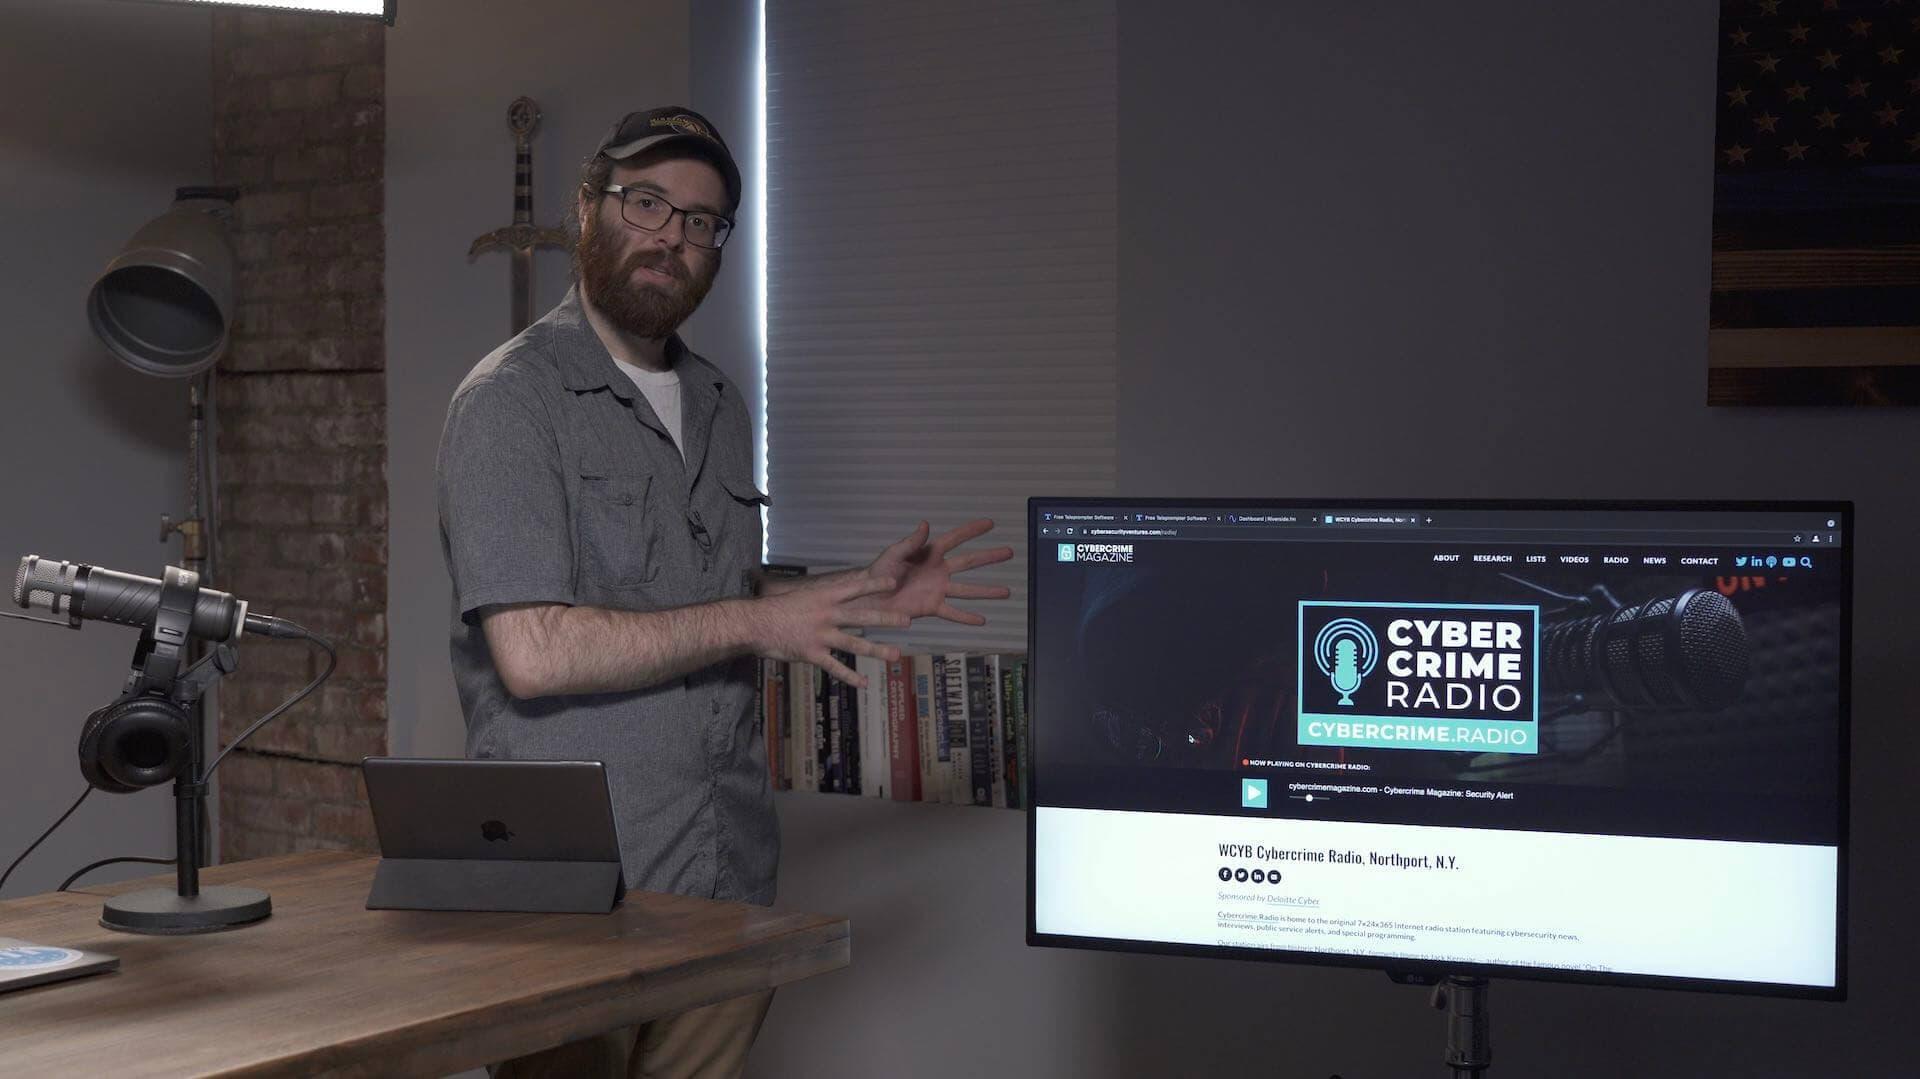 Cybercrime Radio website.